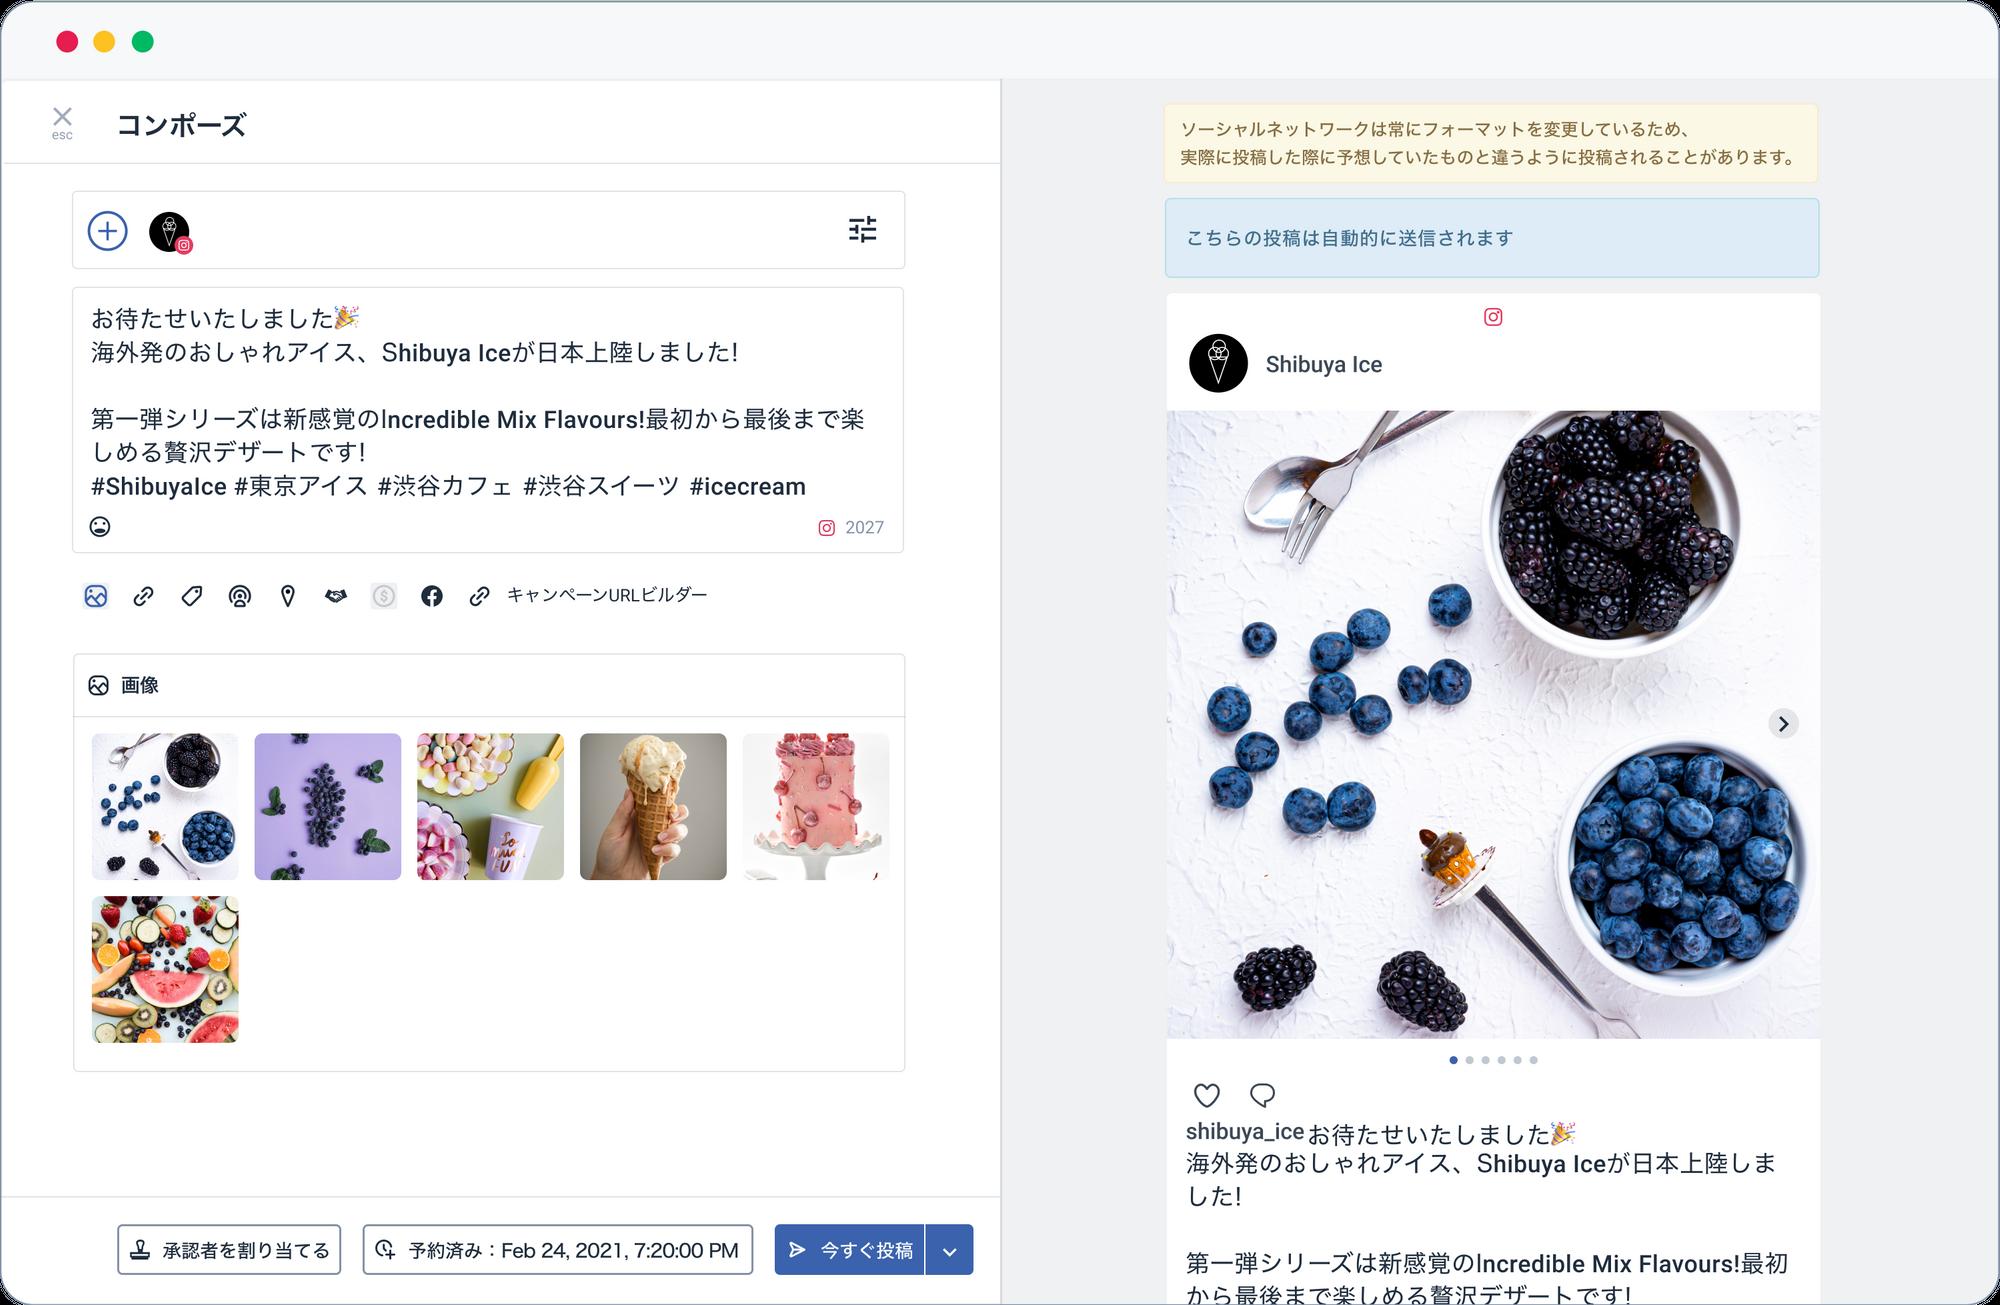 Instagramストーリーズの予約投稿